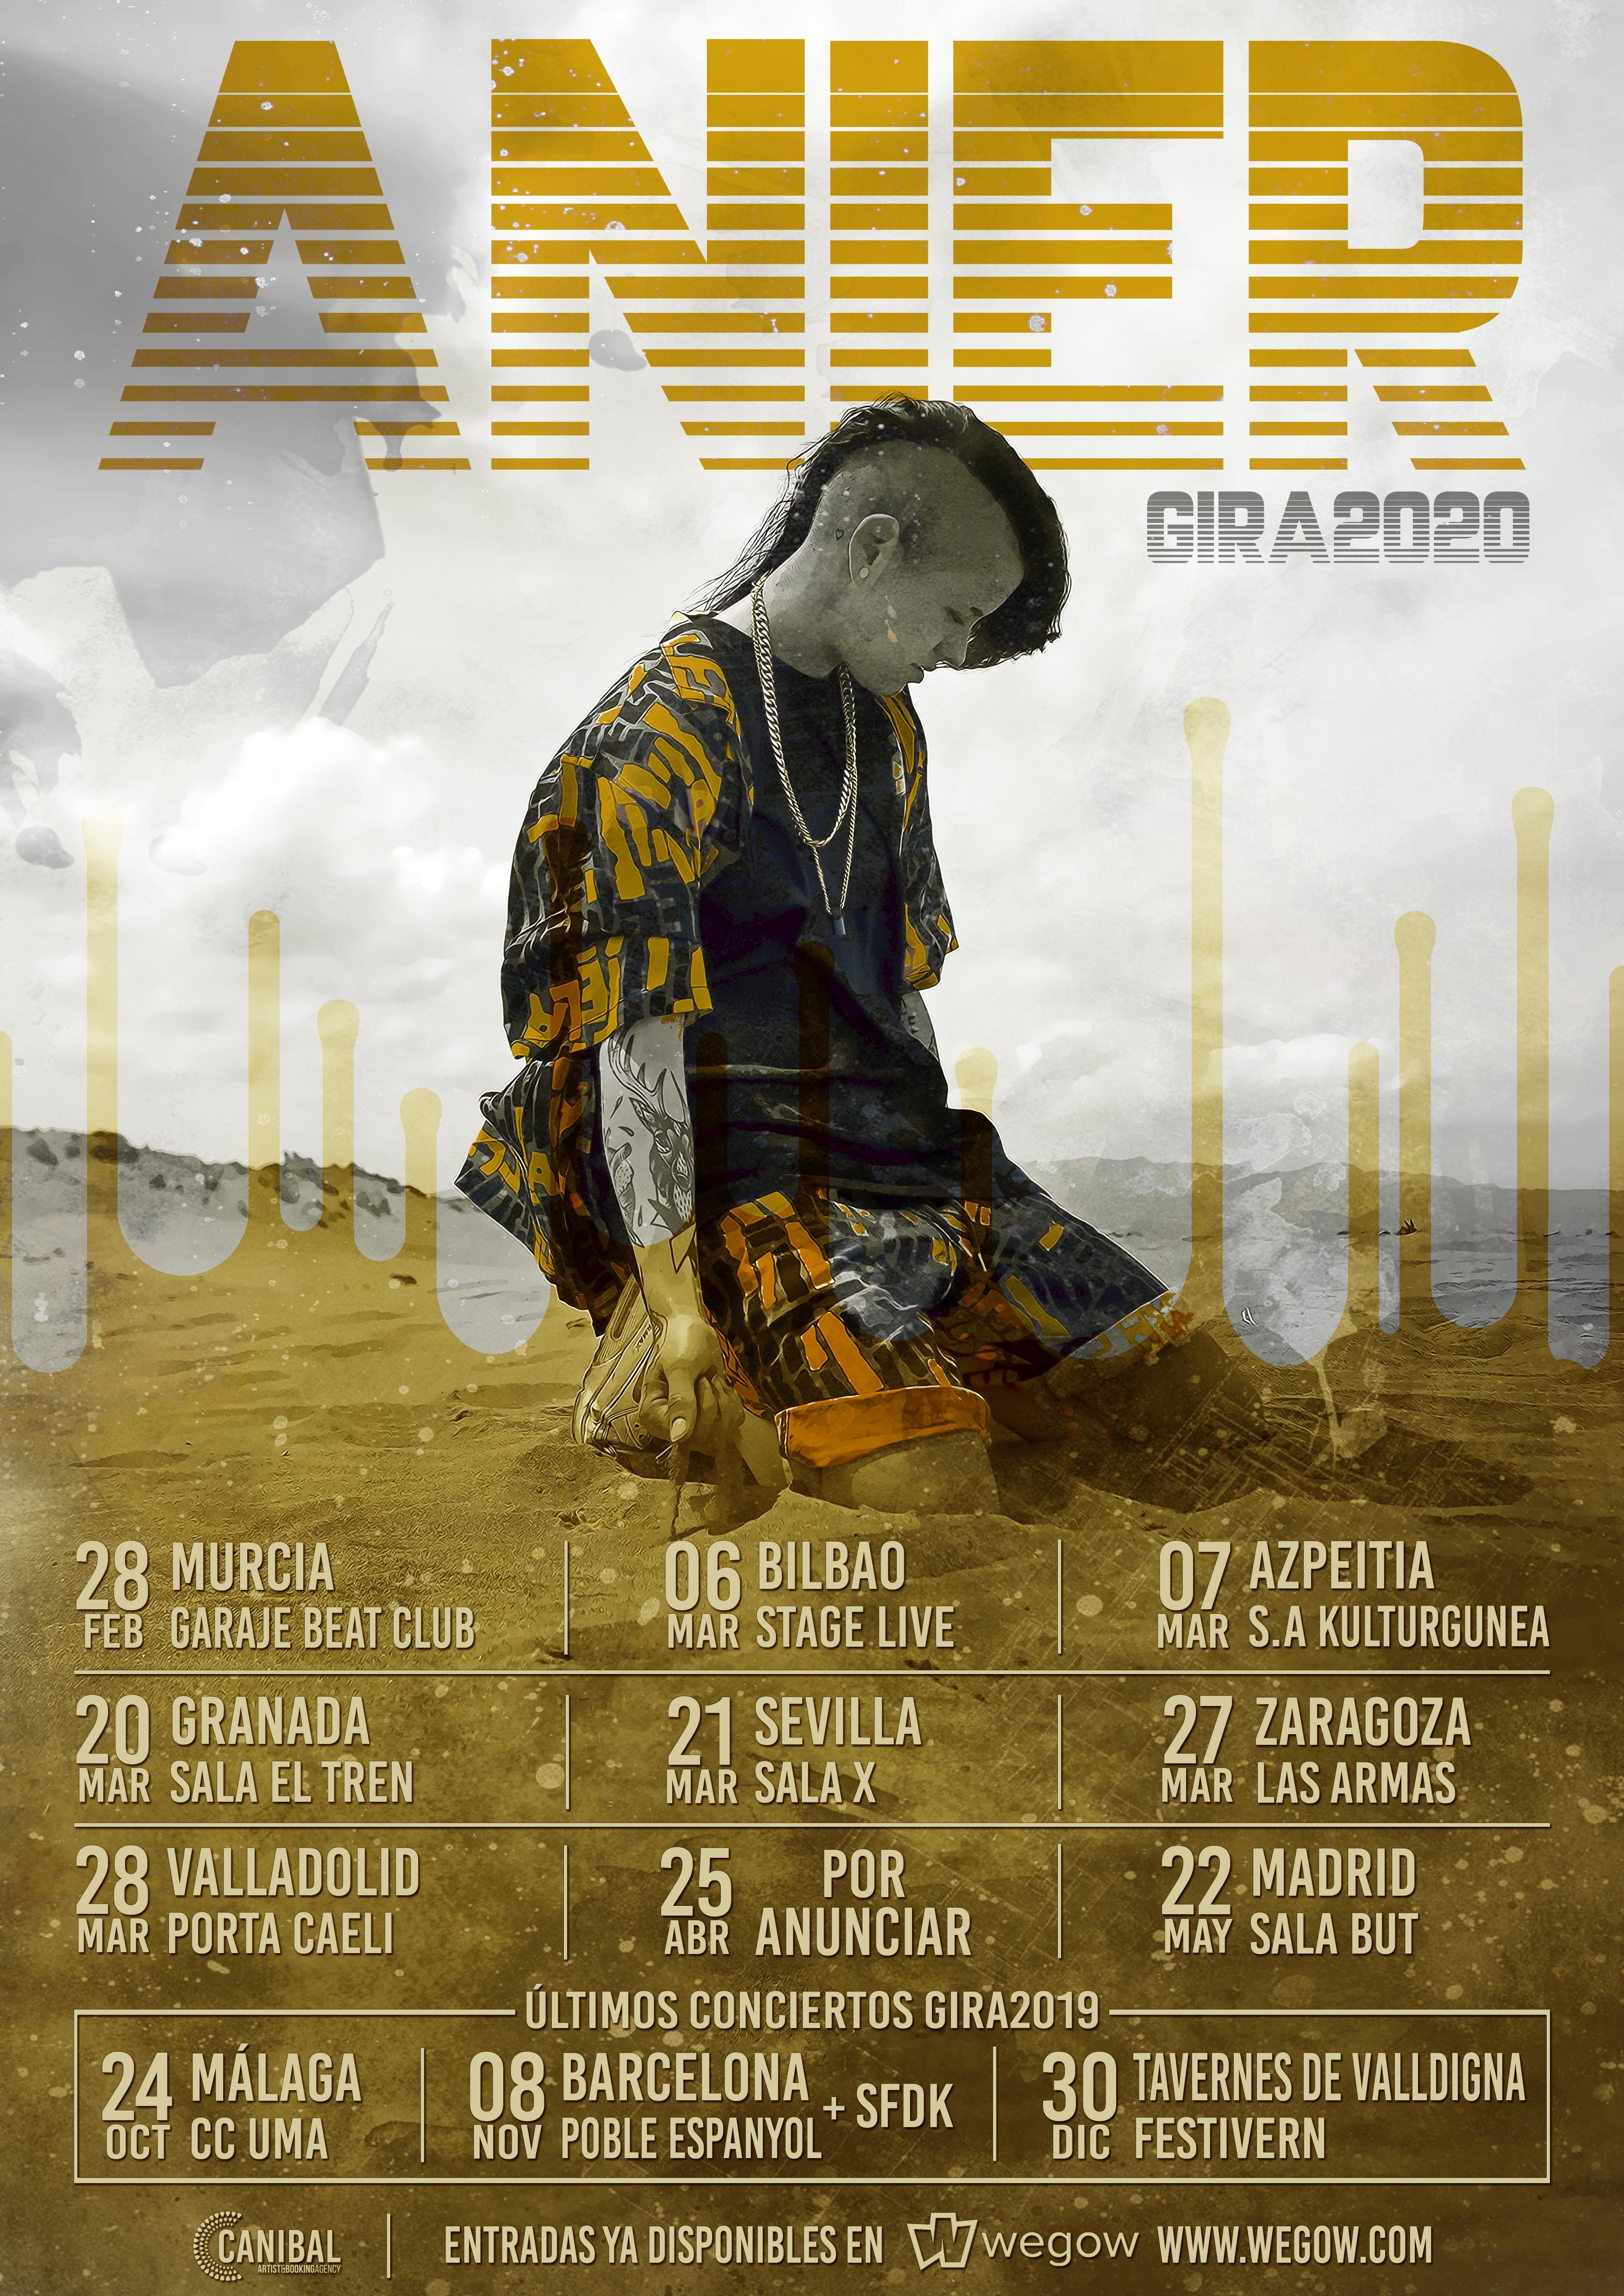 Disfruta de los conciertos de Anier, el futuro del rap español